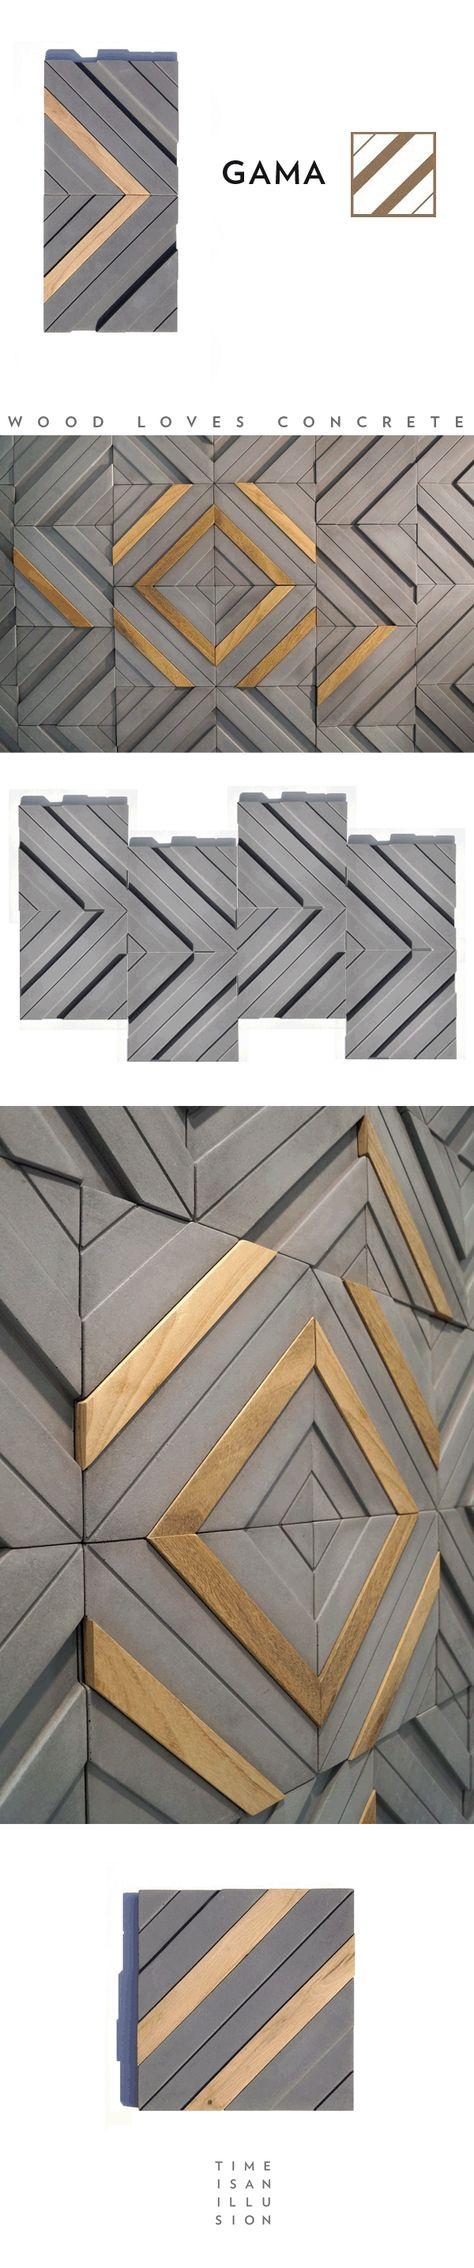 Crea un muro titular en tus espacios y agrégale un detalle extra. Nosotros pintaríamos las tiras de madera en un color metálico, ¿Te lo imaginas? Estilo HAUZZ.